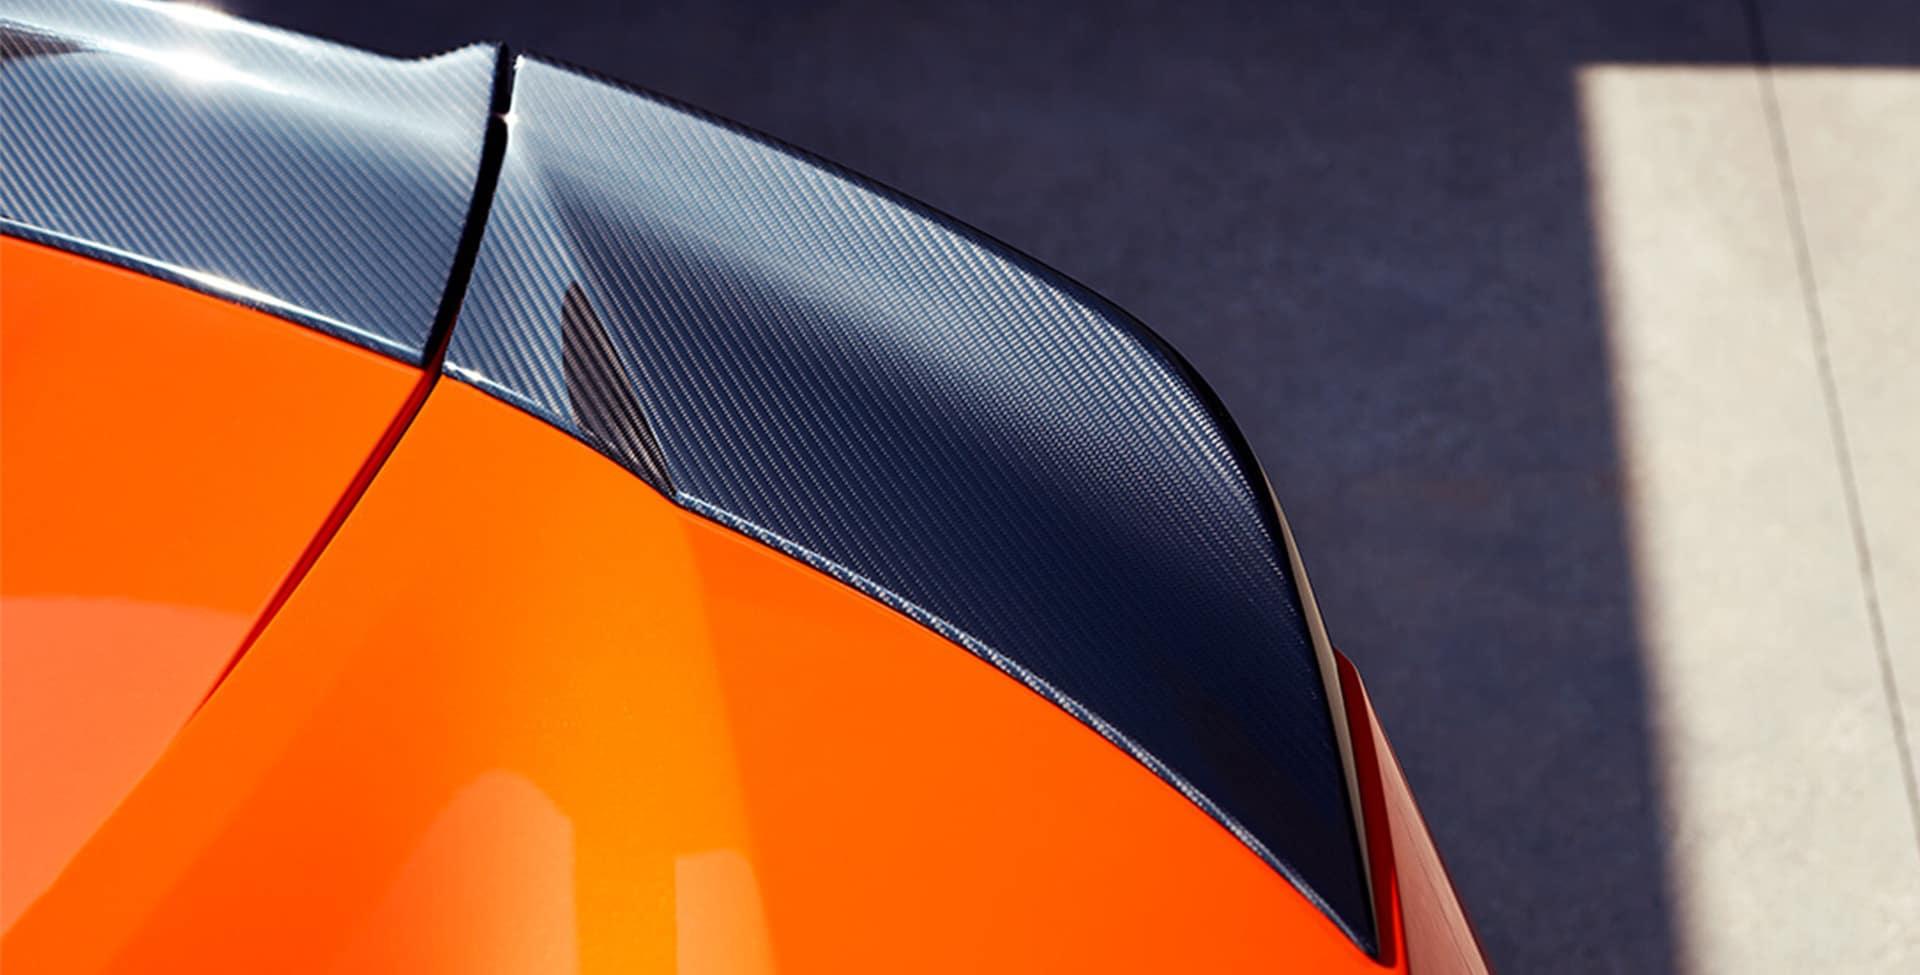 NSX carbon fibre